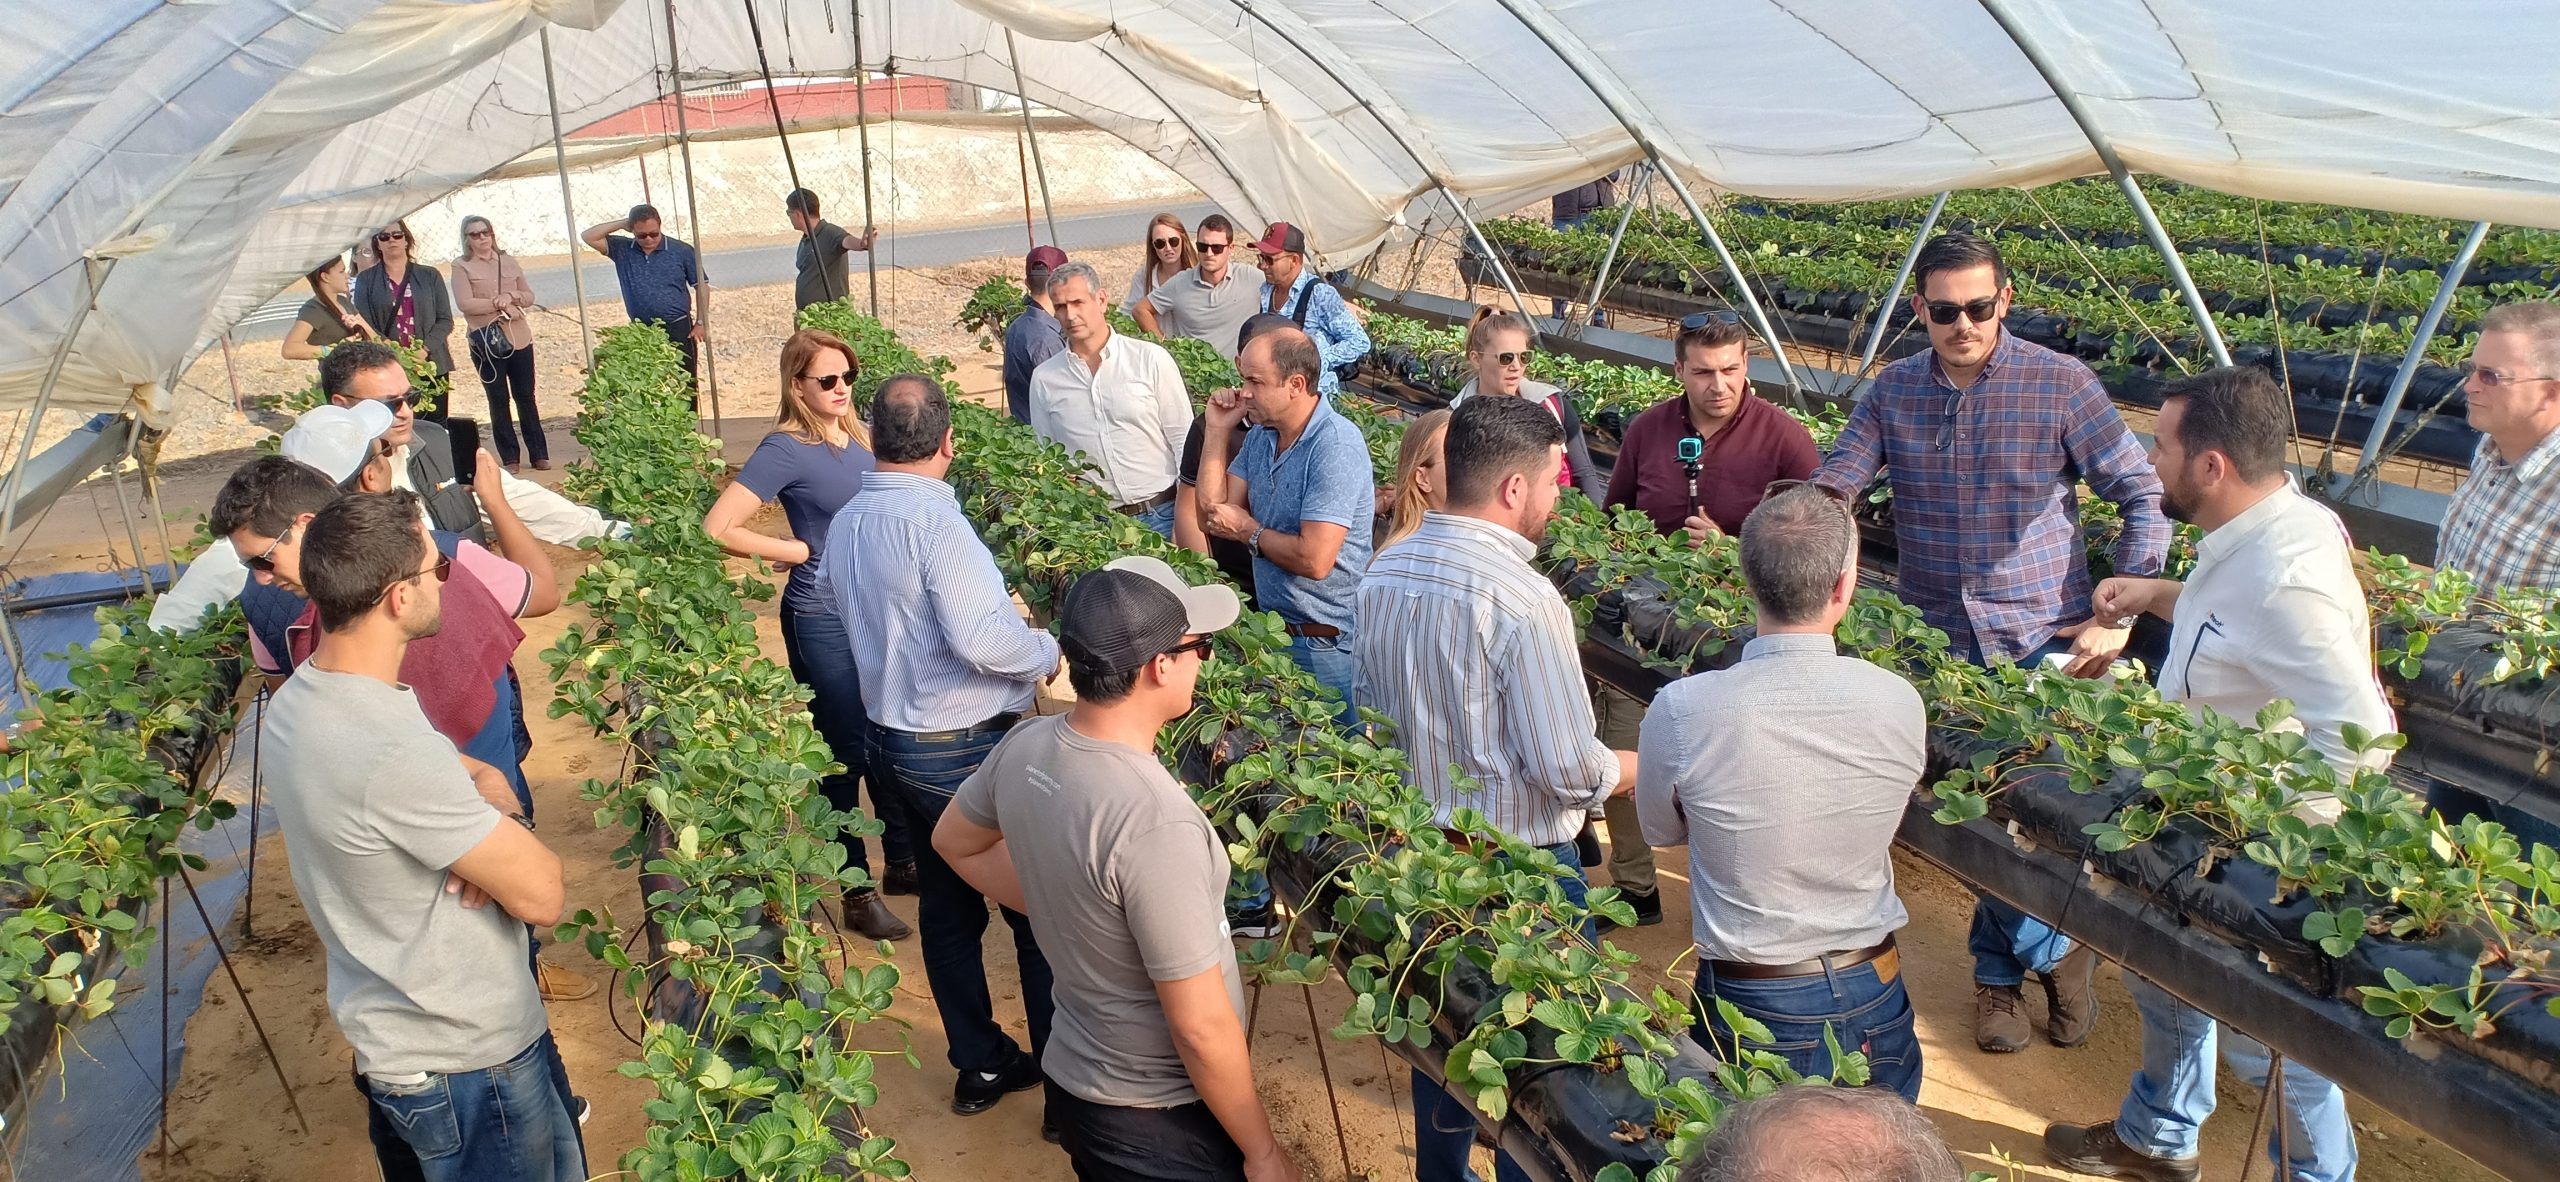 Alltech Crop Science: Des produits innovants satisfaisant producteurs et consommateurs